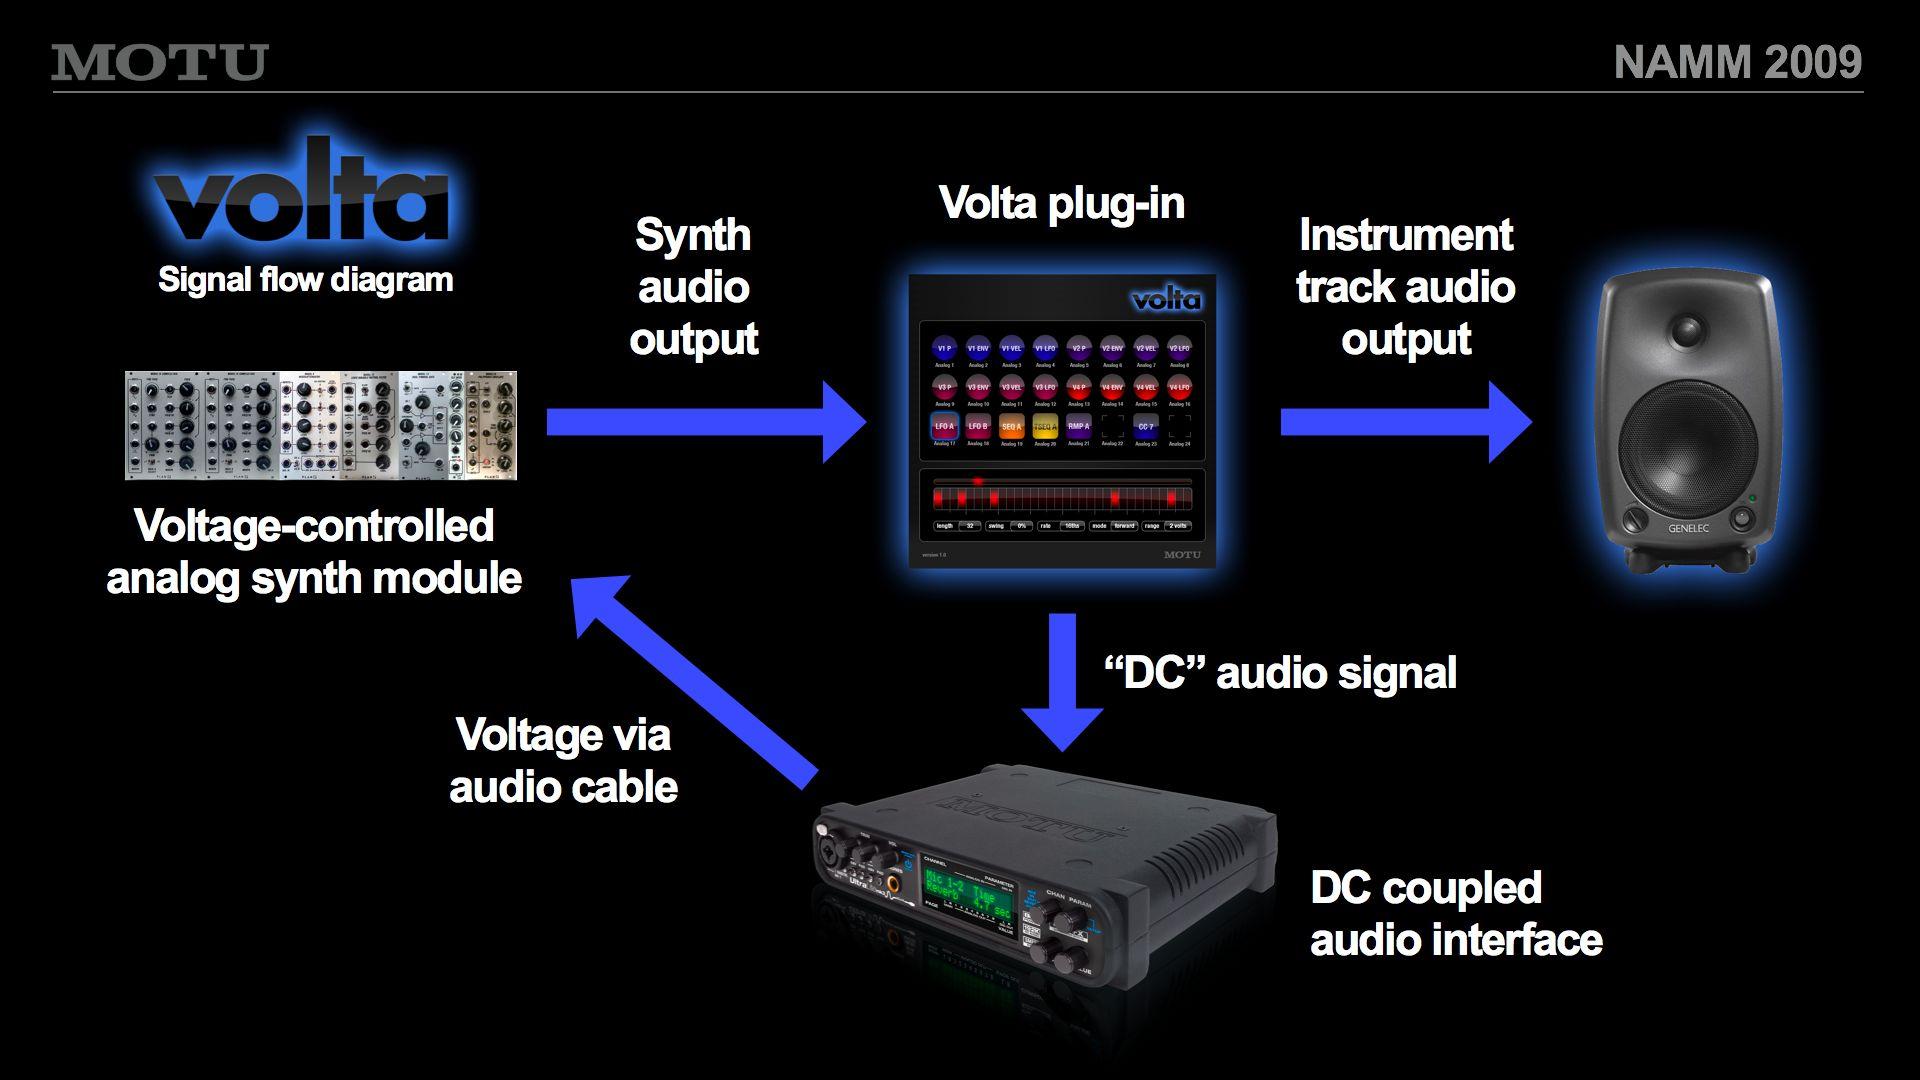 volta-signal-path.jpg